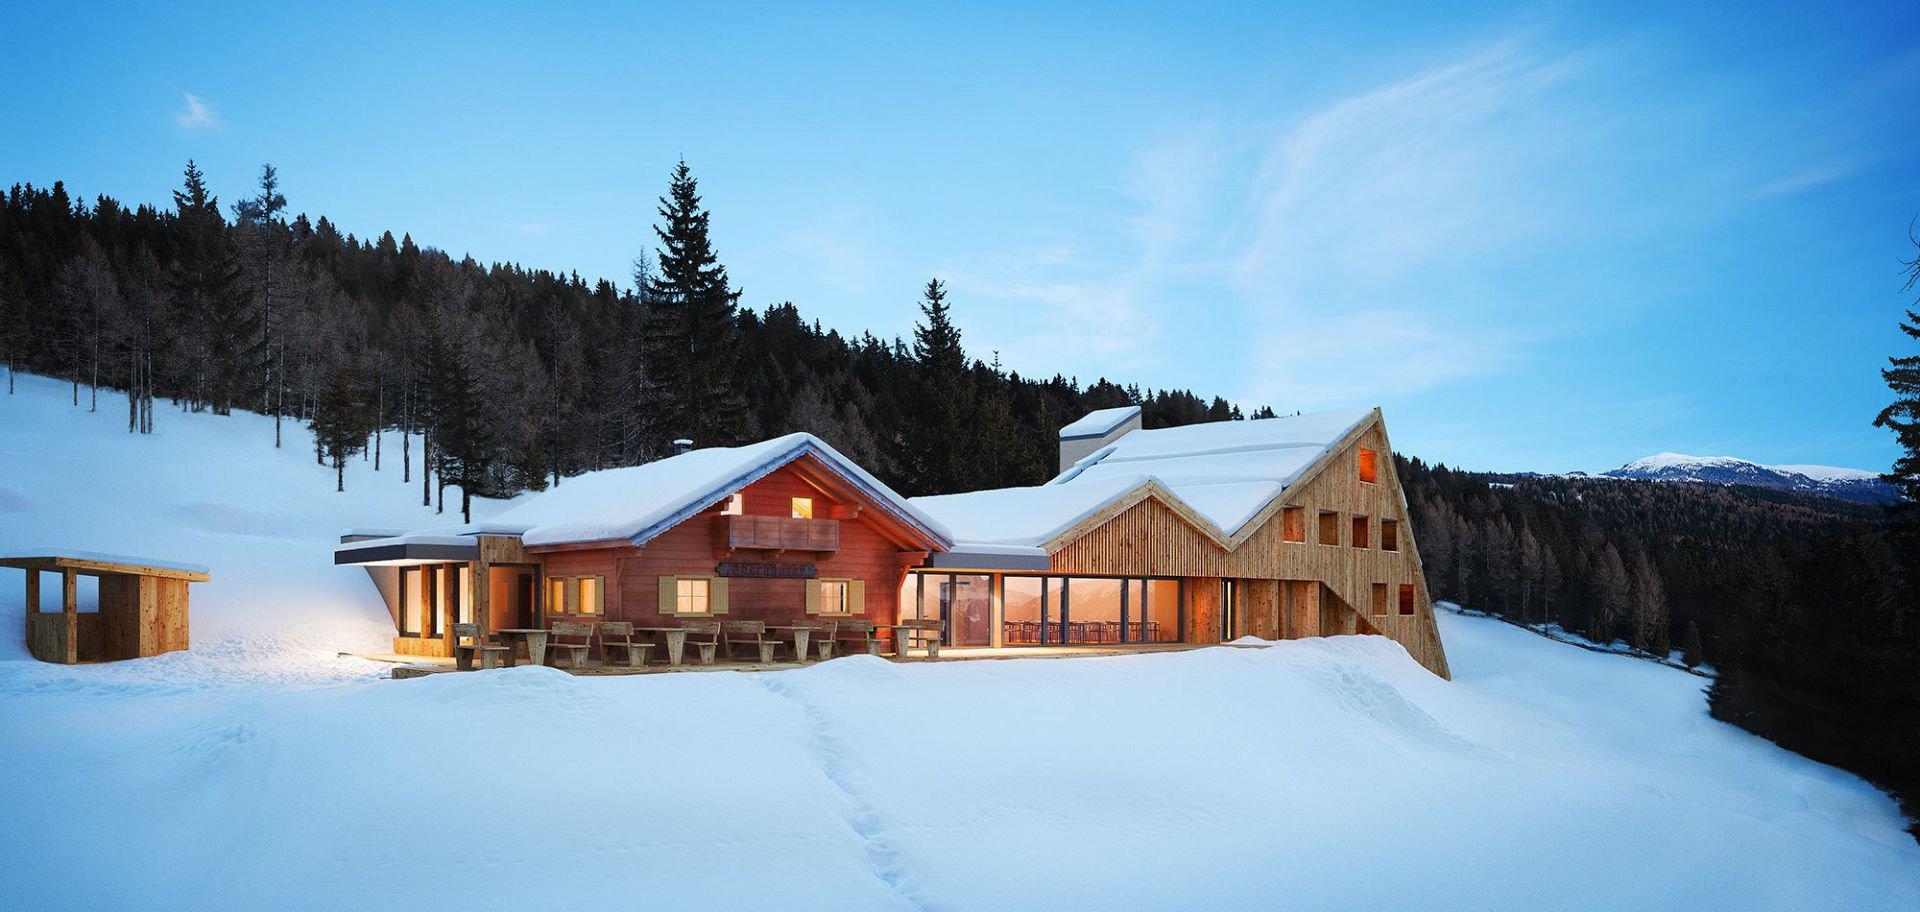 Vacanza senza stress in un rifugio alpino